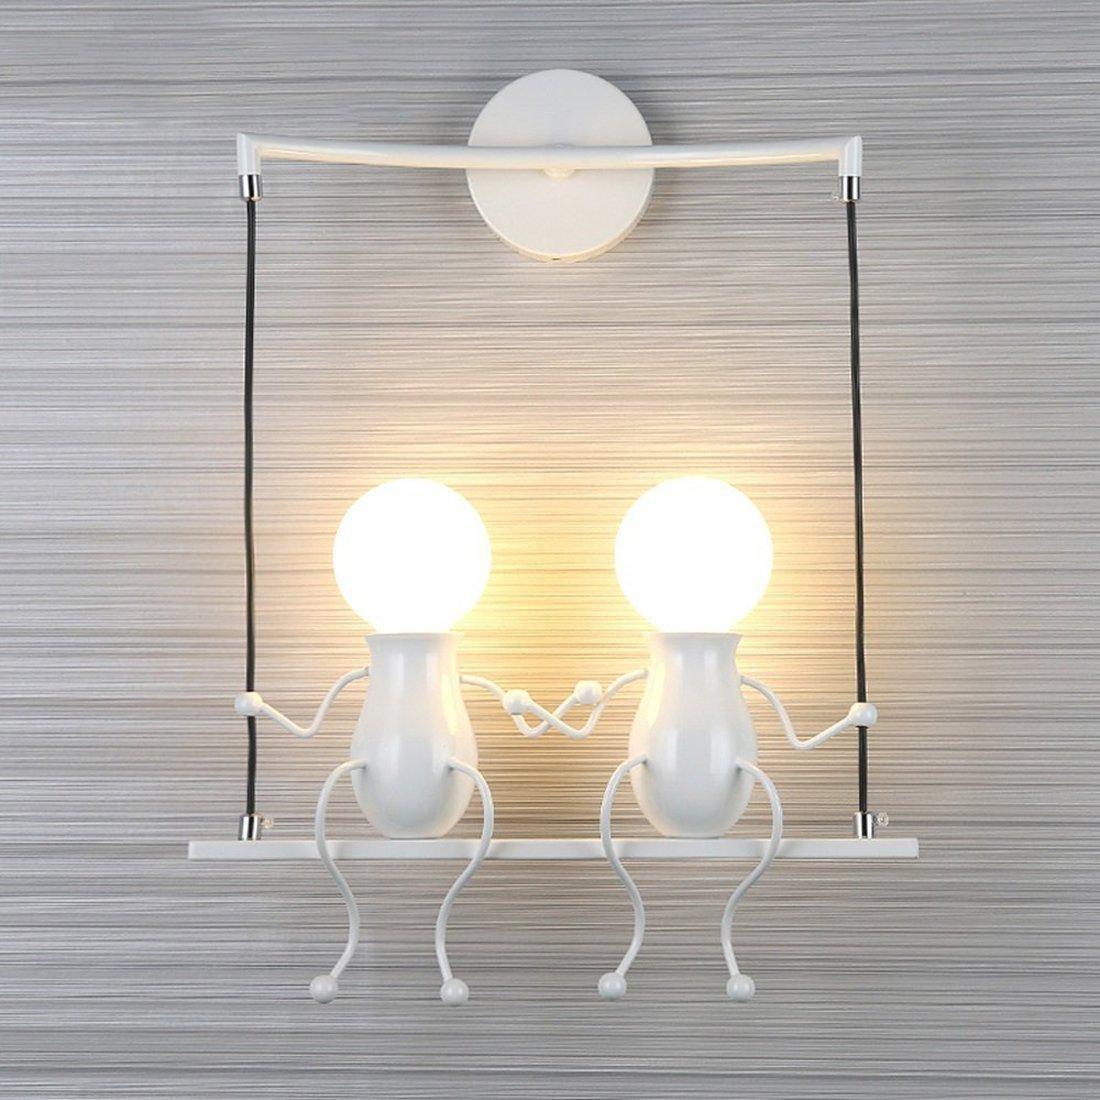 Lampe murale moderne mode applique murale créatif simplicité design appliques pour chambre denfant couloir décoratives eclairage lampe douille e272 max